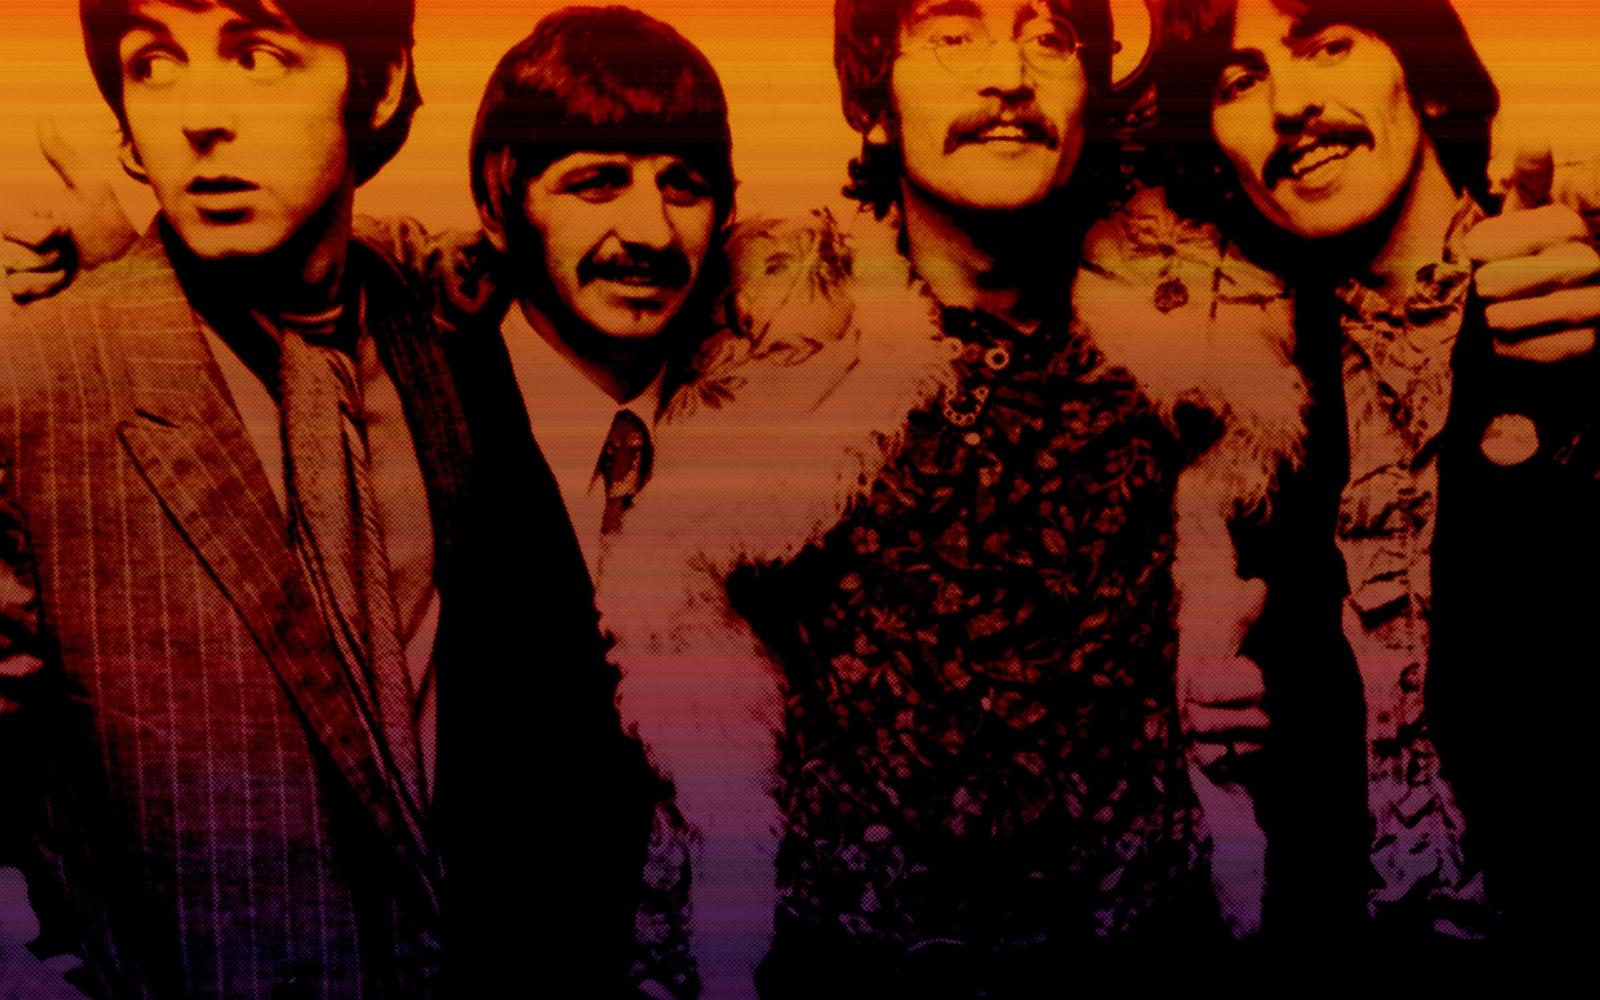 ¿Los Beatles eran Satanistas?